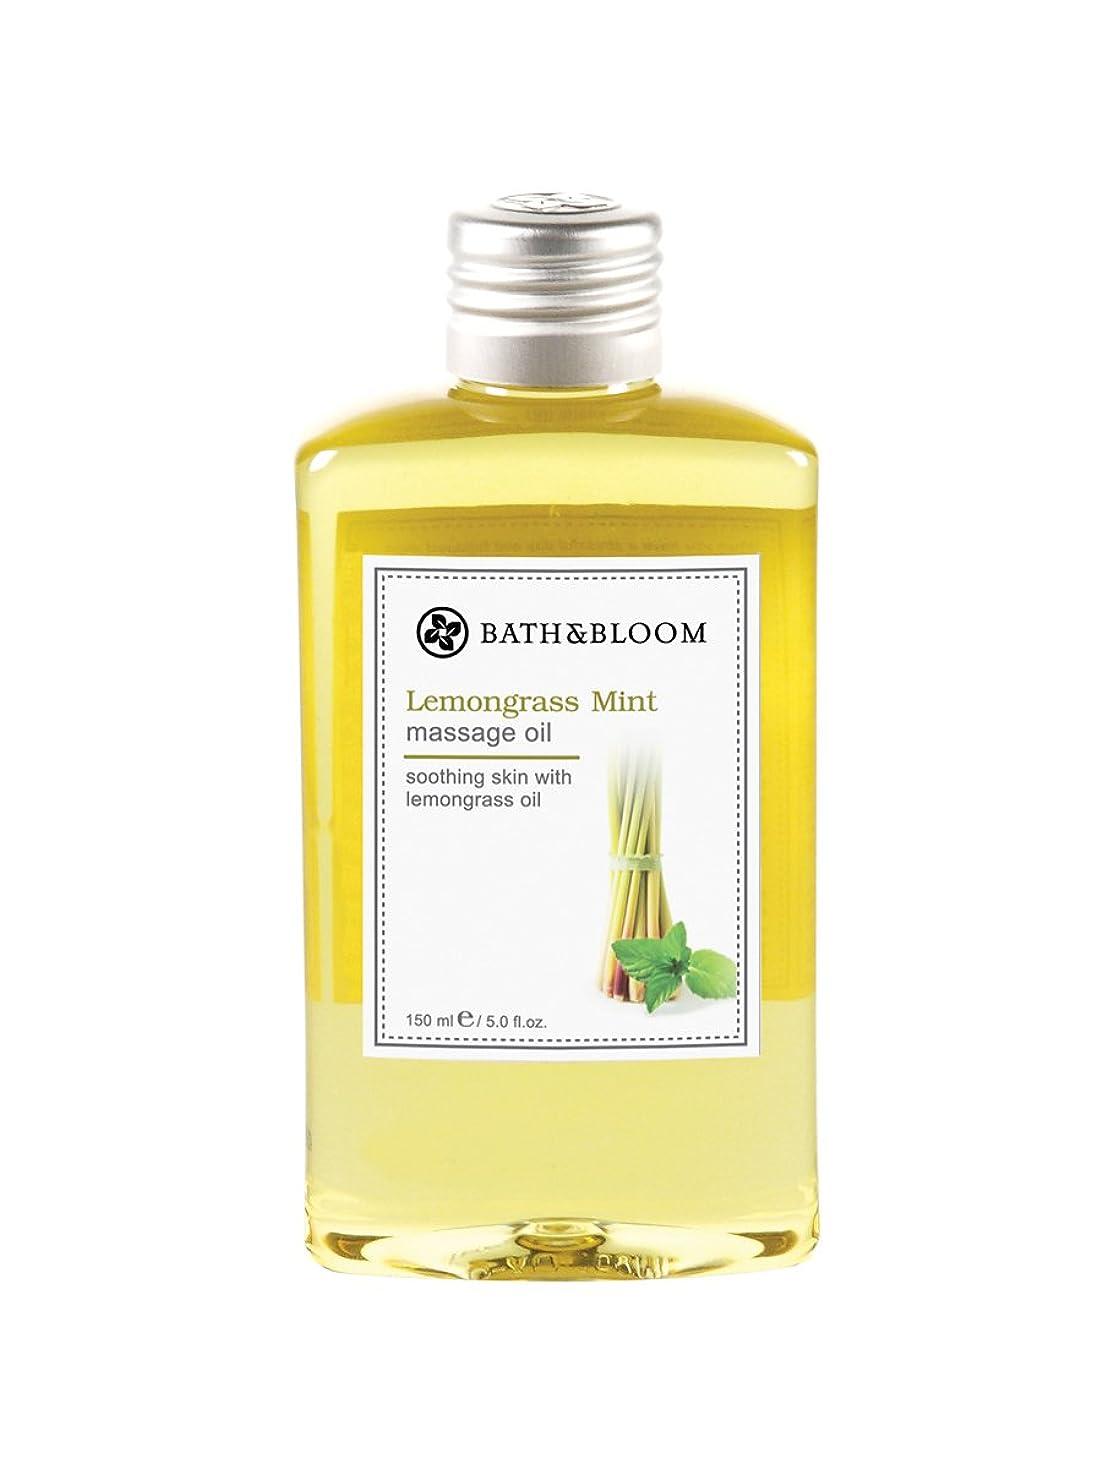 モザイク水族館自分バスアンドブルーム(BATH&BLOOM) レモングラスミント マッサージオイル 150mL